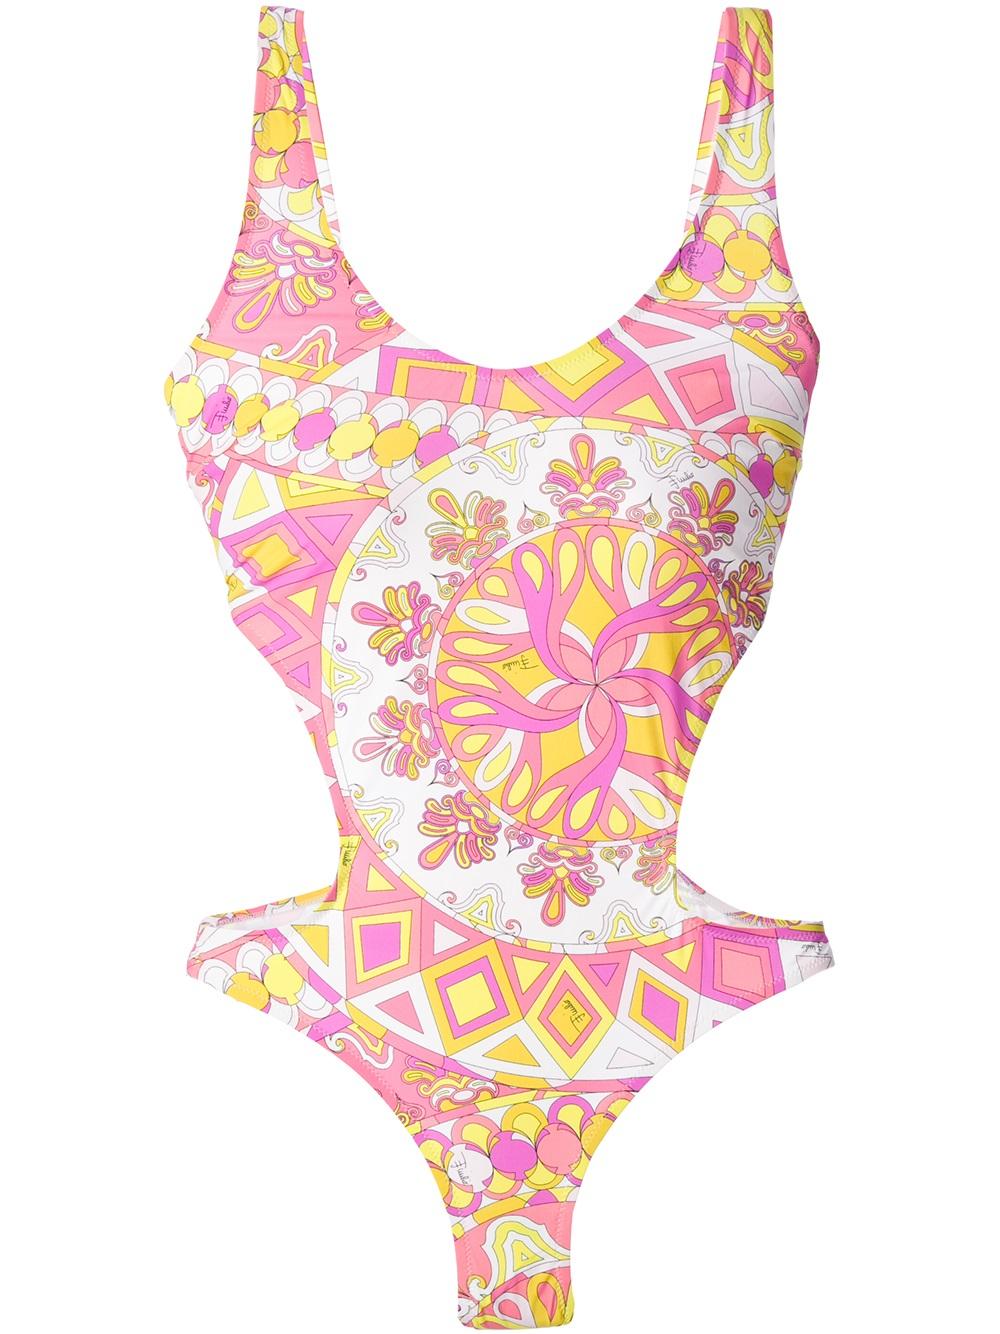 Bikini Graphic Design